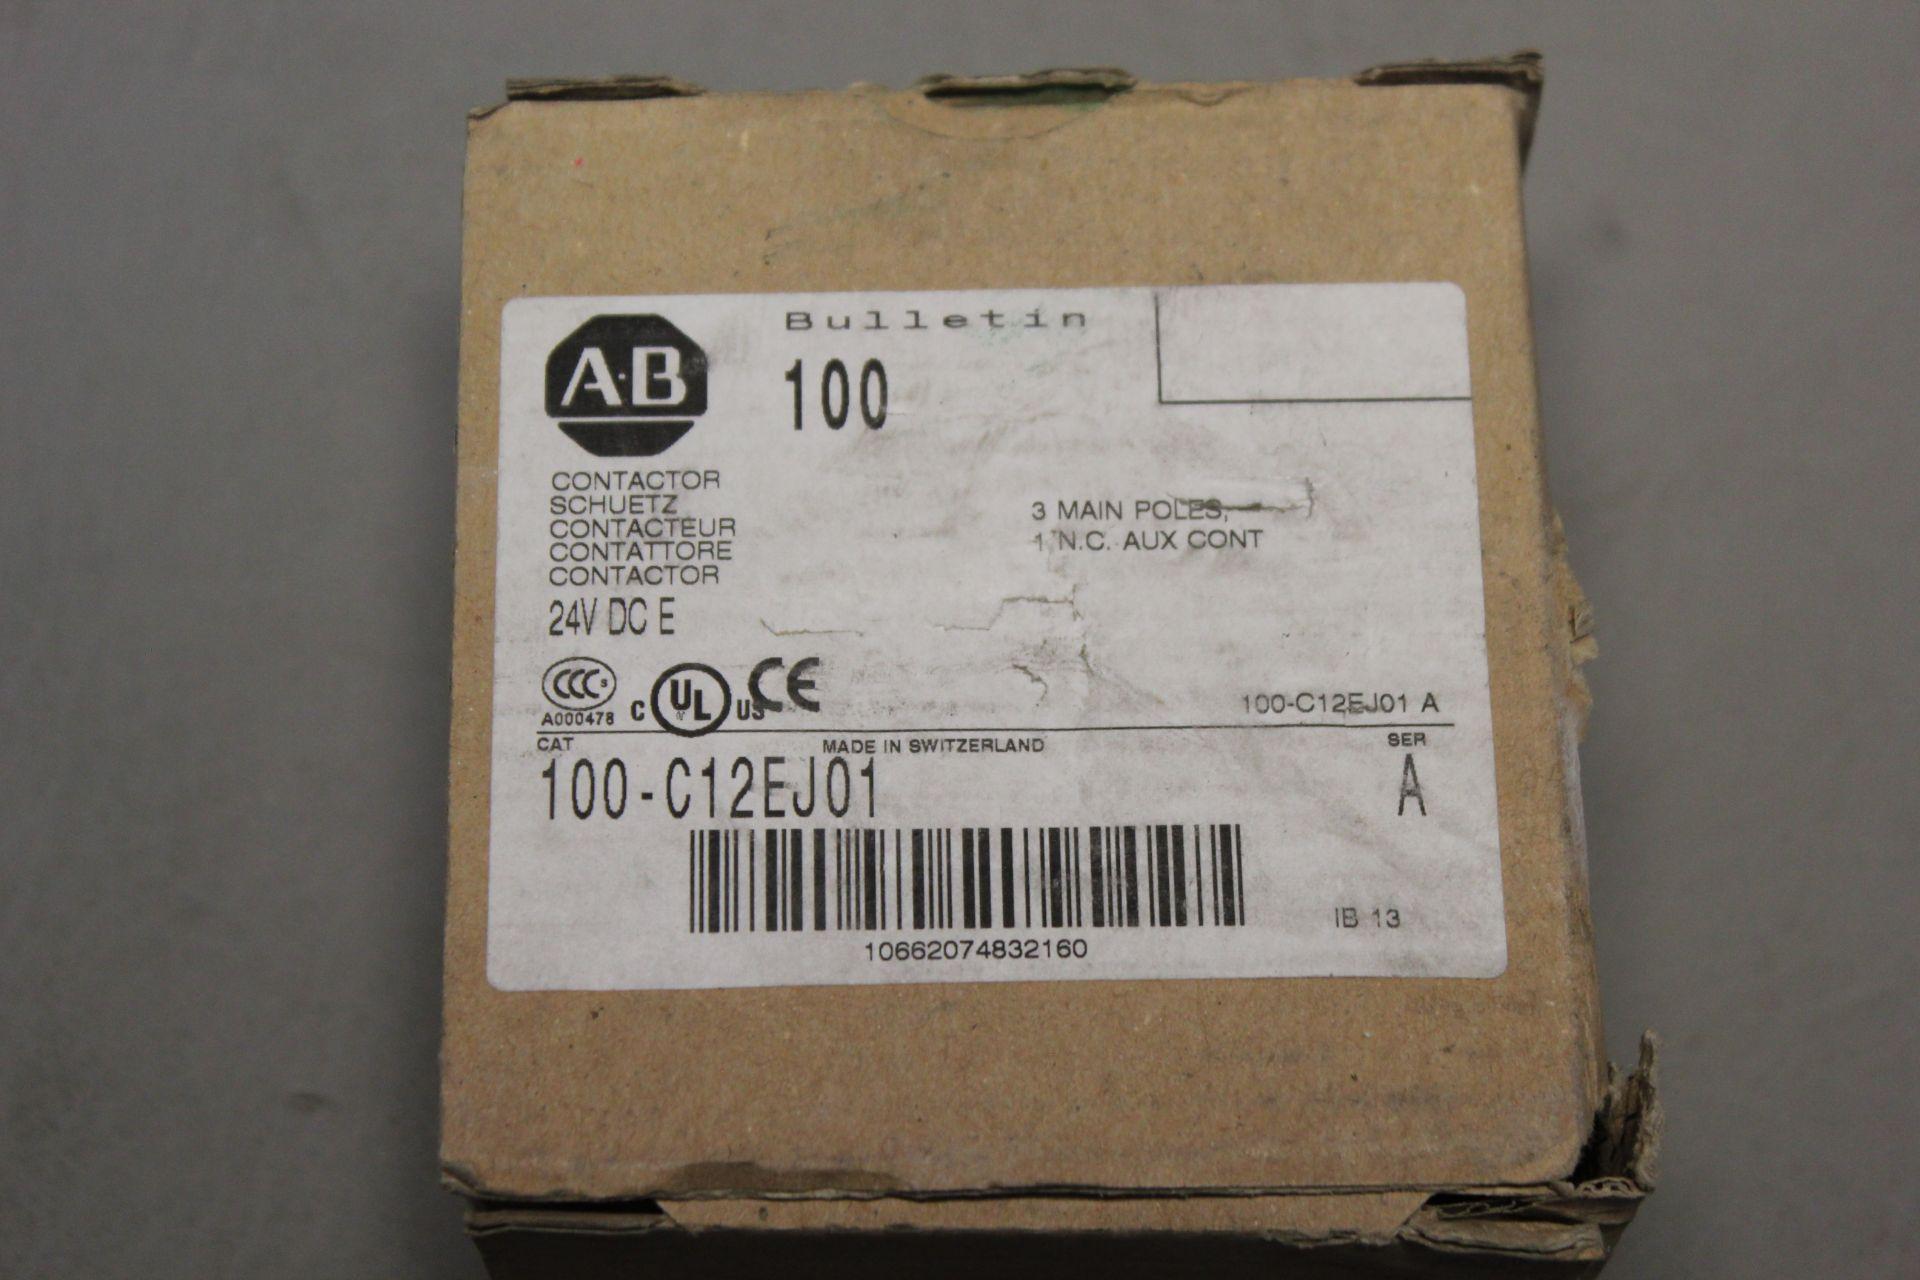 NEW ALLEN BRADLEY CONTACTOR - Image 2 of 3